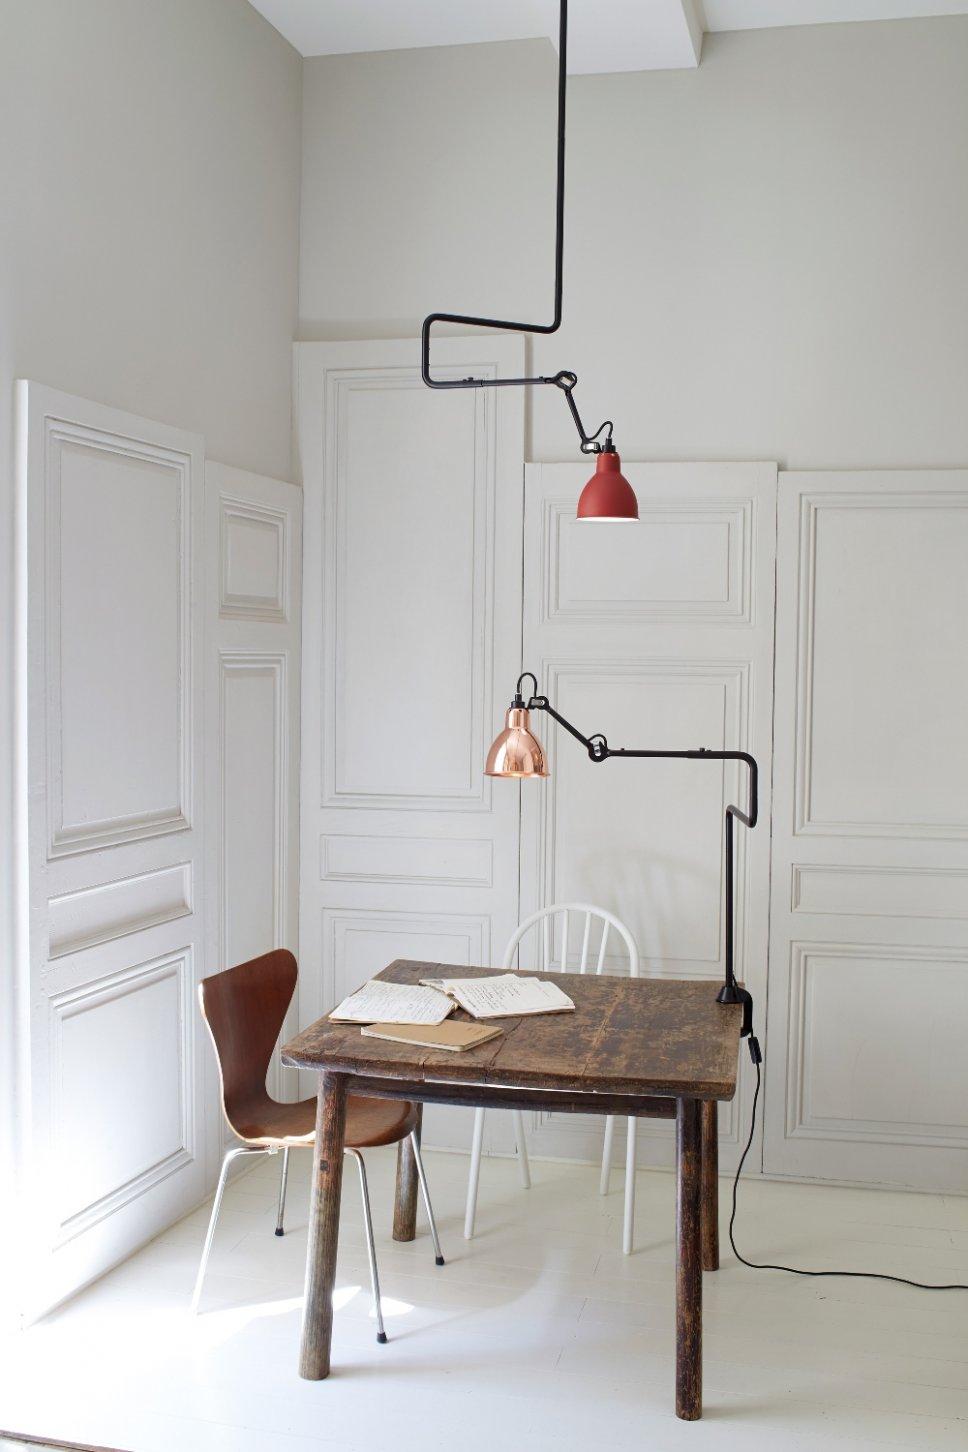 Tischleuchte klemmt am Schreibtisch